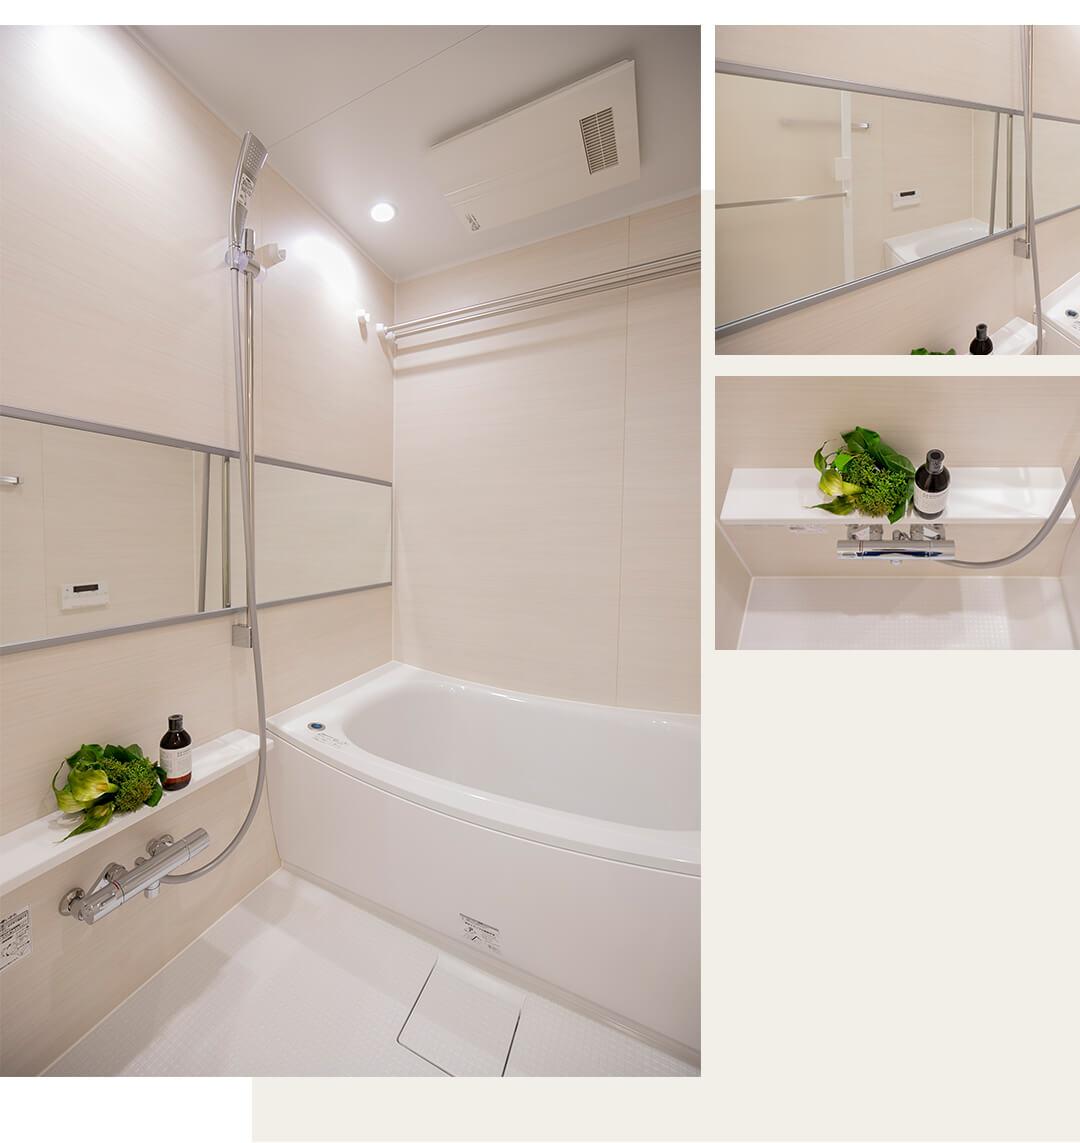 アビテ市ヶ谷仲之町の浴室